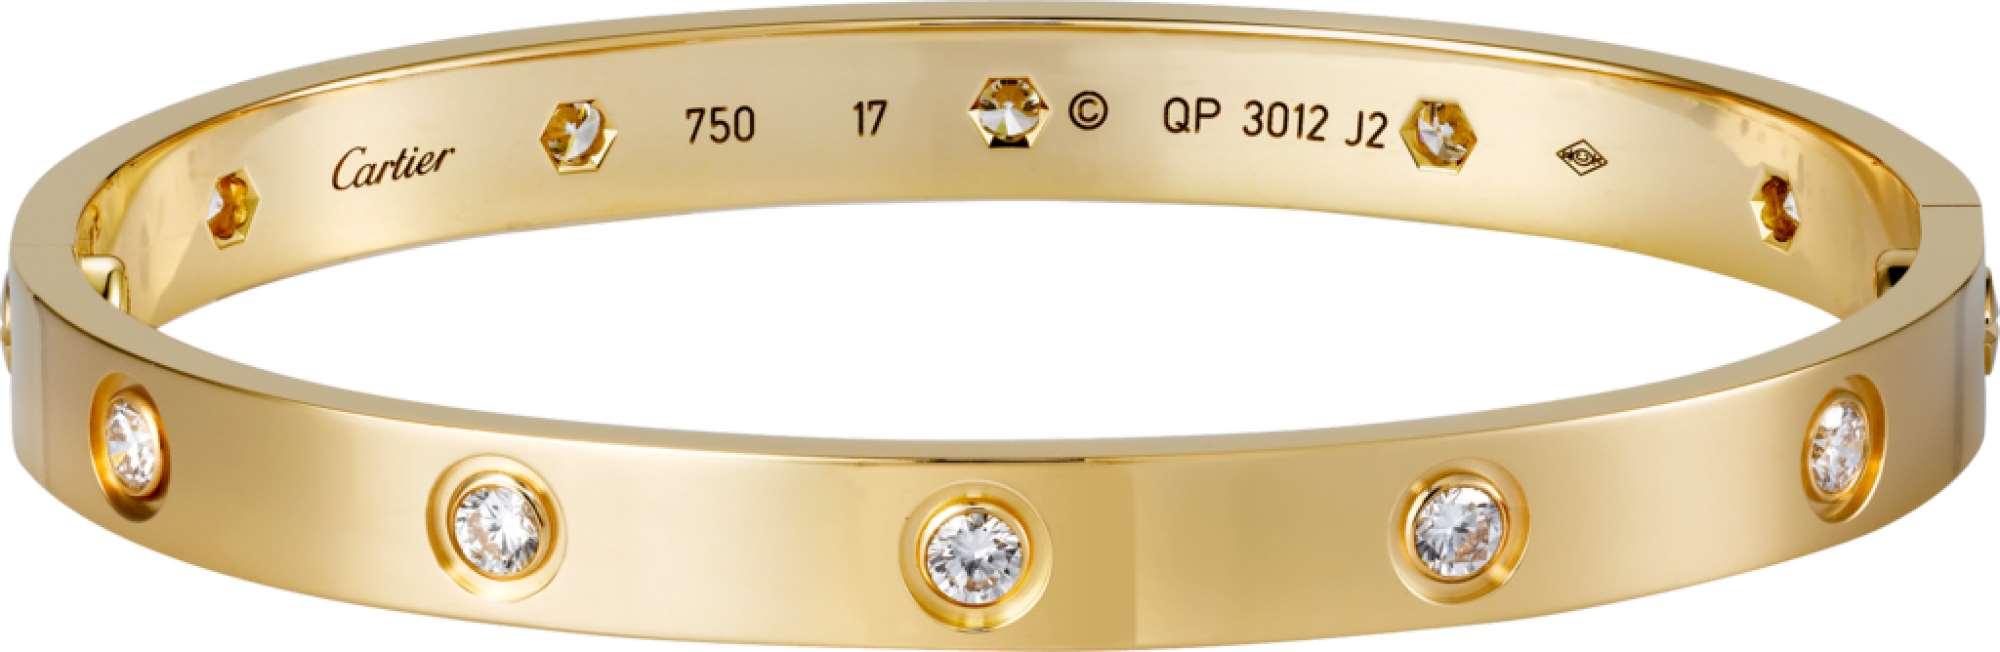 c8a215c529d Bracelete LOVE da Cartier é a joia mais buscada da web